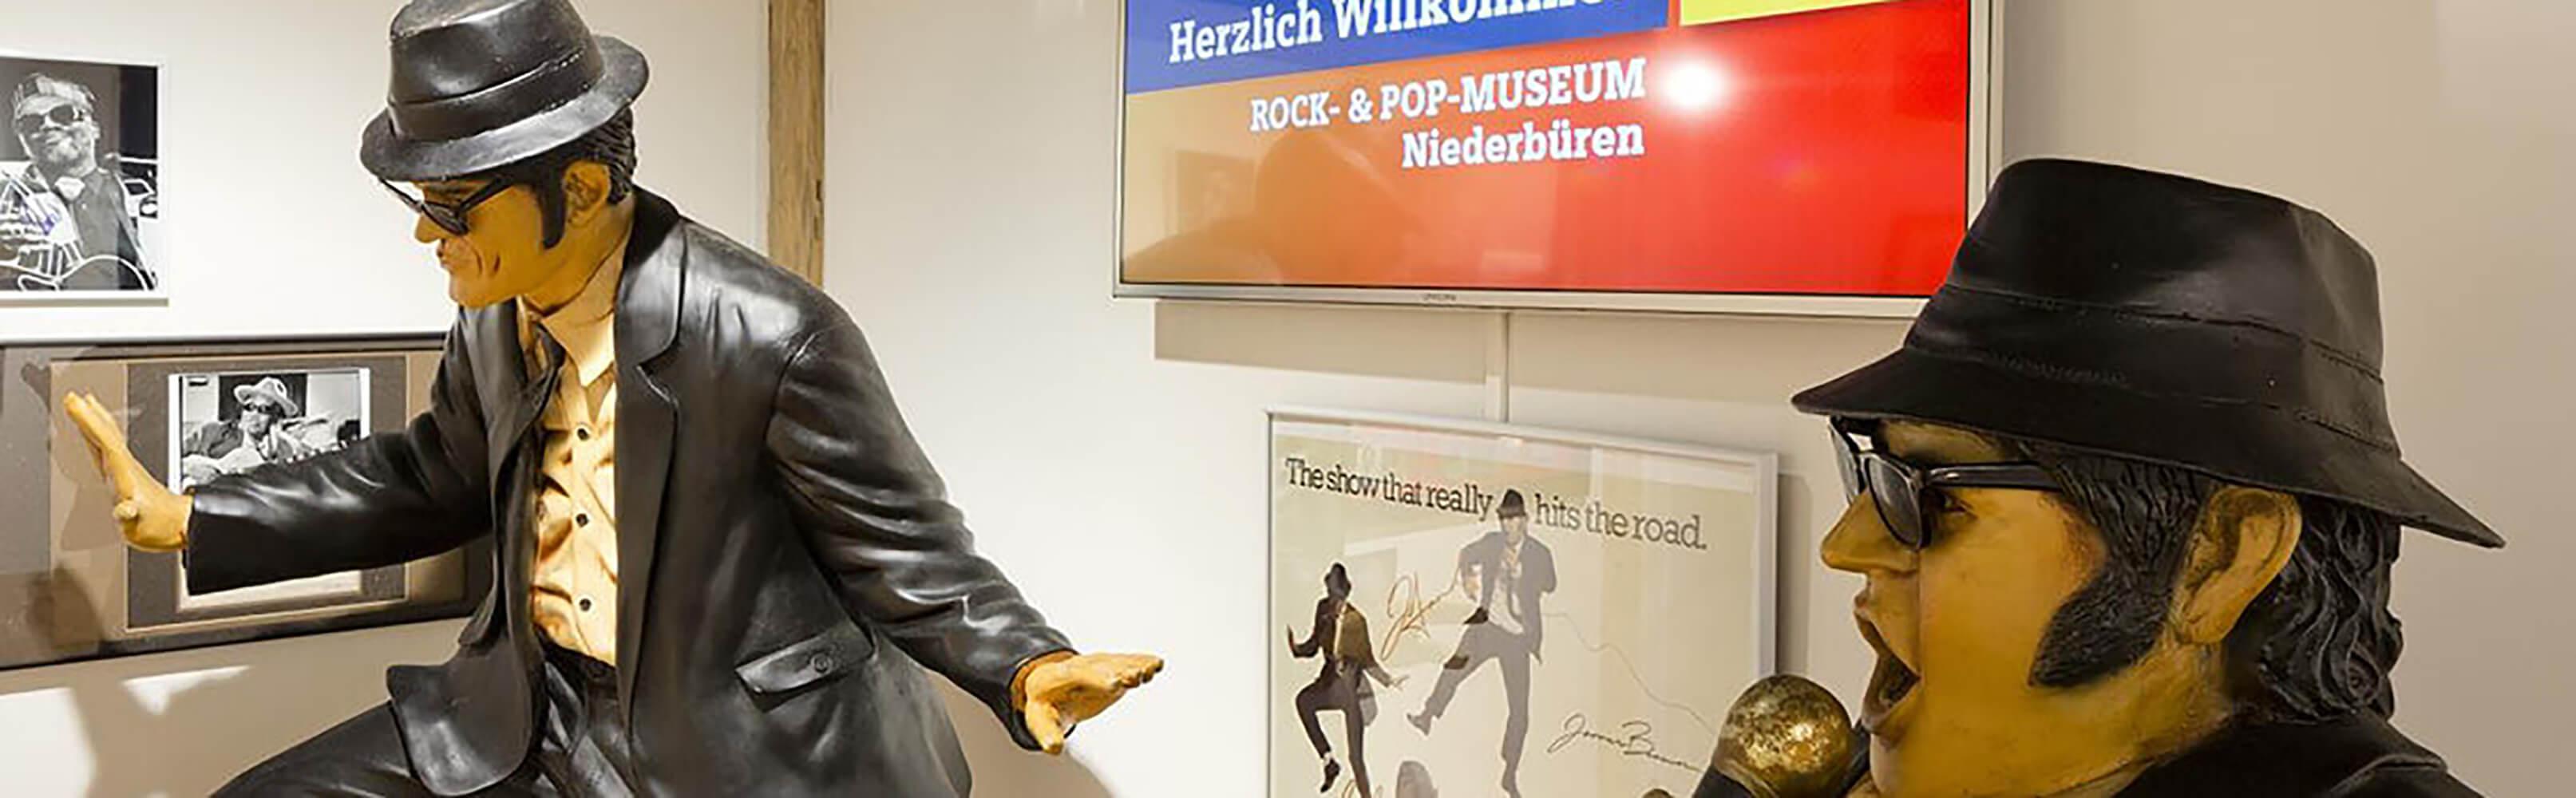 Rock- & Pop-Museum Niederbüren 1